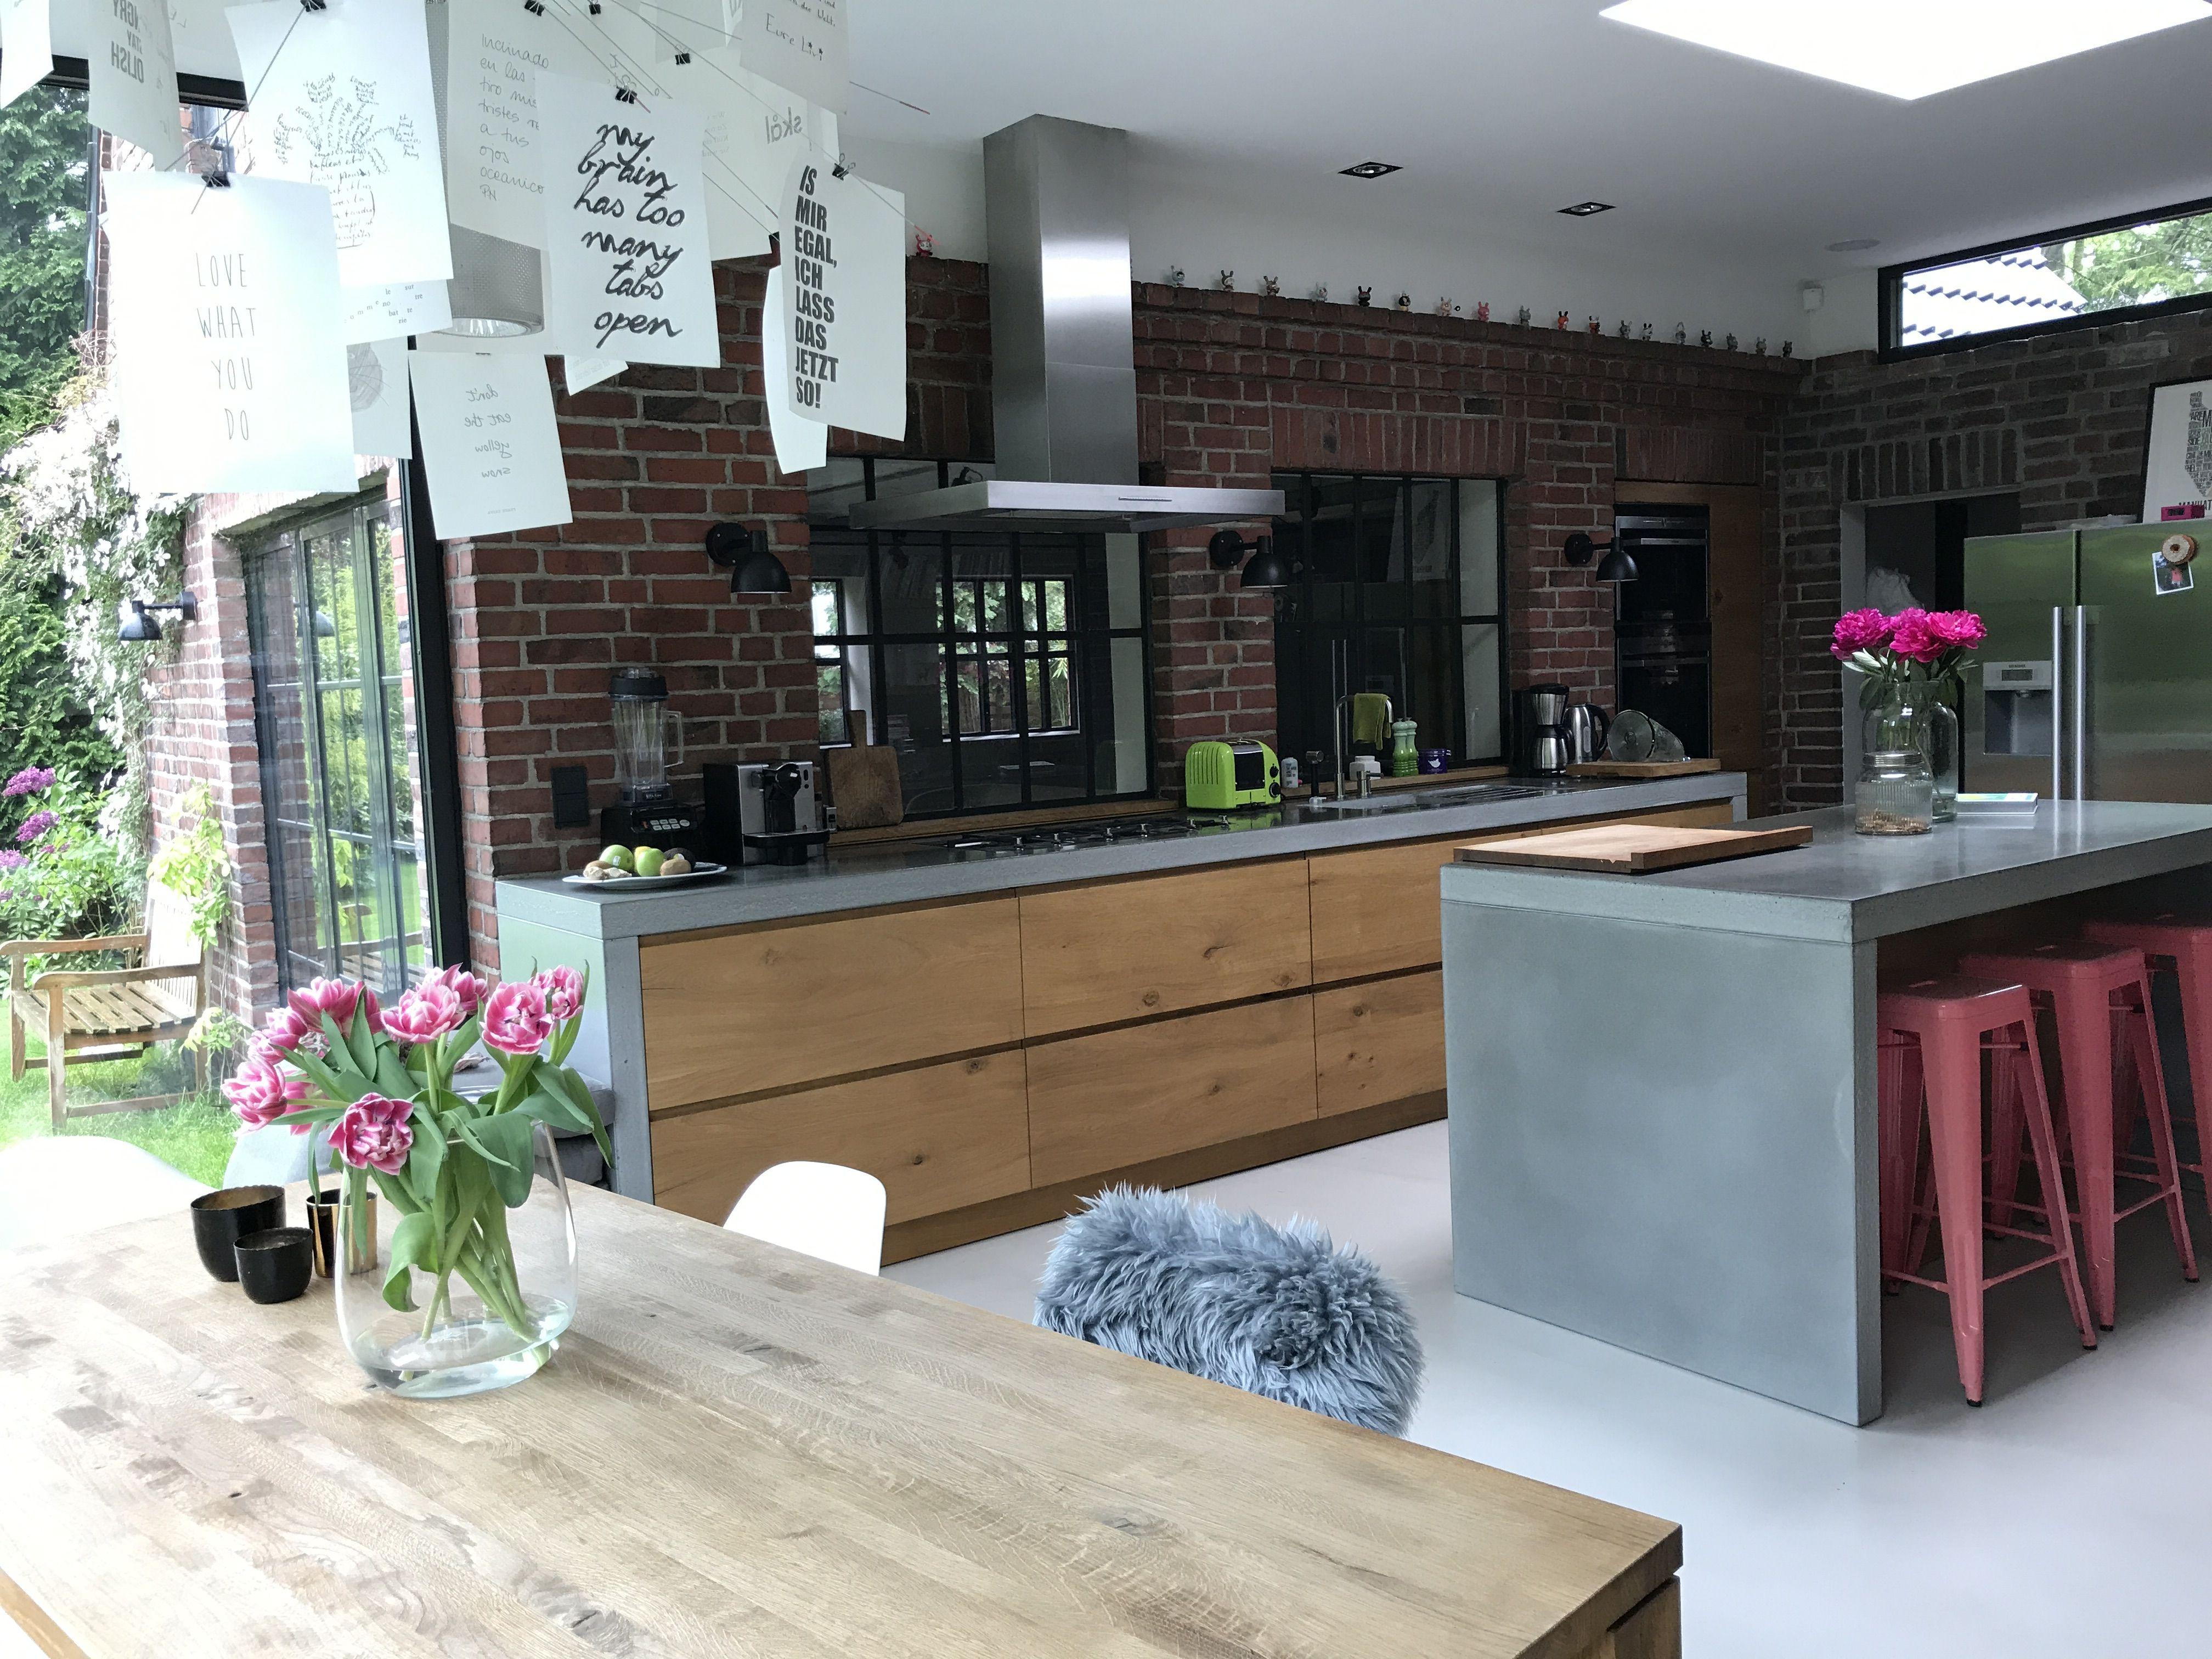 küche mit holz und beton  küche beton küche betonfußboden